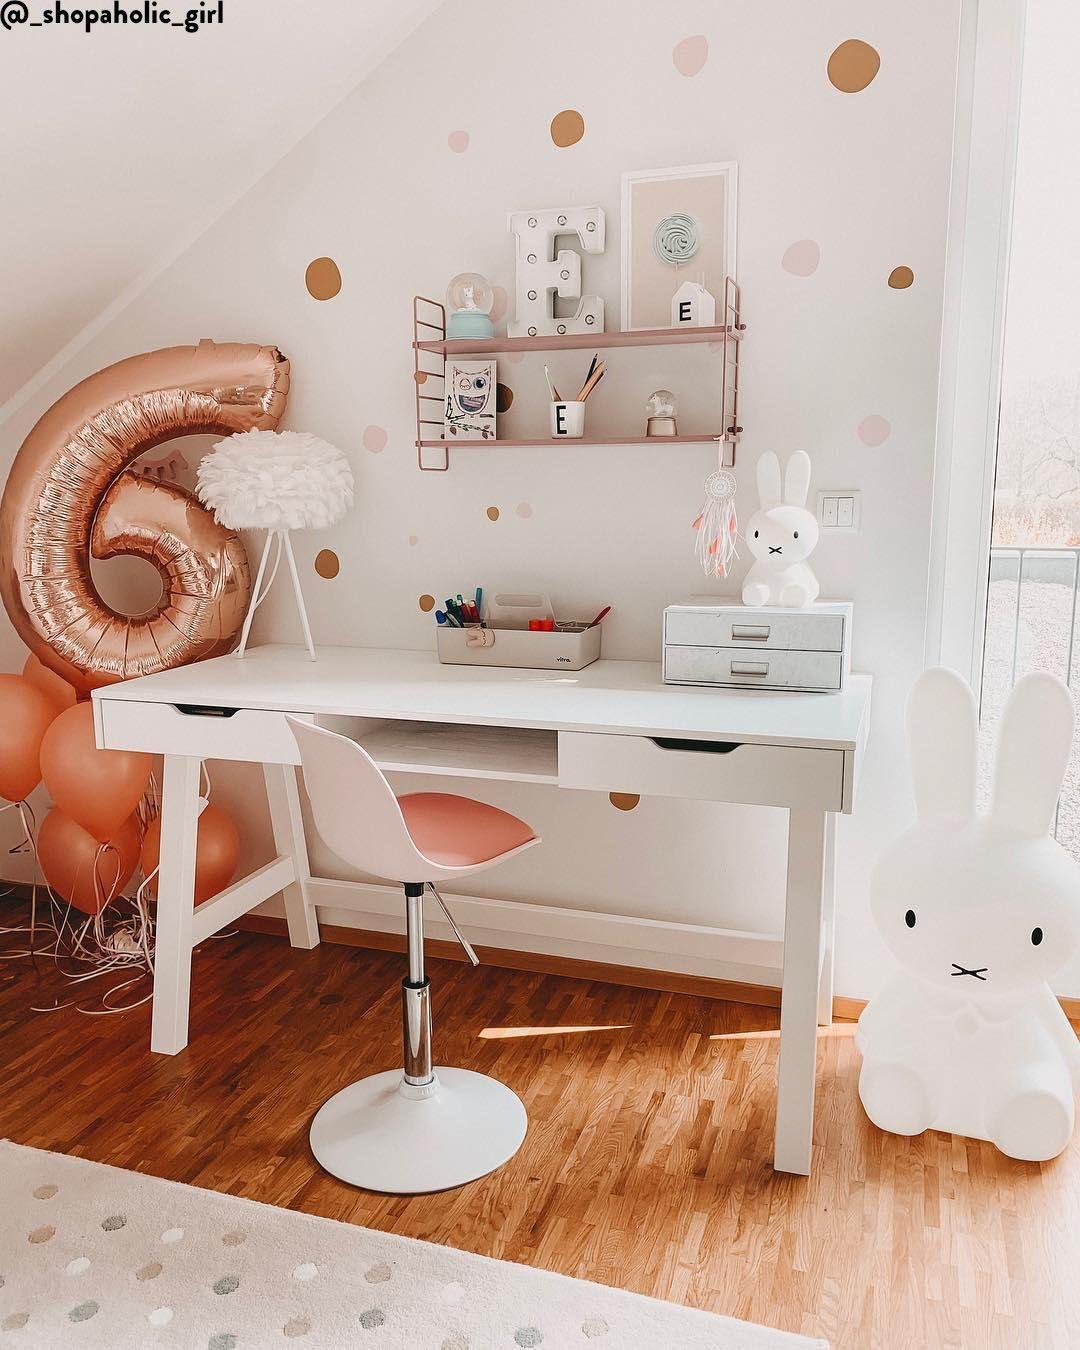 Madchen Traum In Diesem Liebevoll Eingerichteten Kinderzimmer Konnen Sich Die Kleinen Nur Woh Kinder Zimmer Zimmer Einrichten Jugendzimmer Zimmer Einrichten